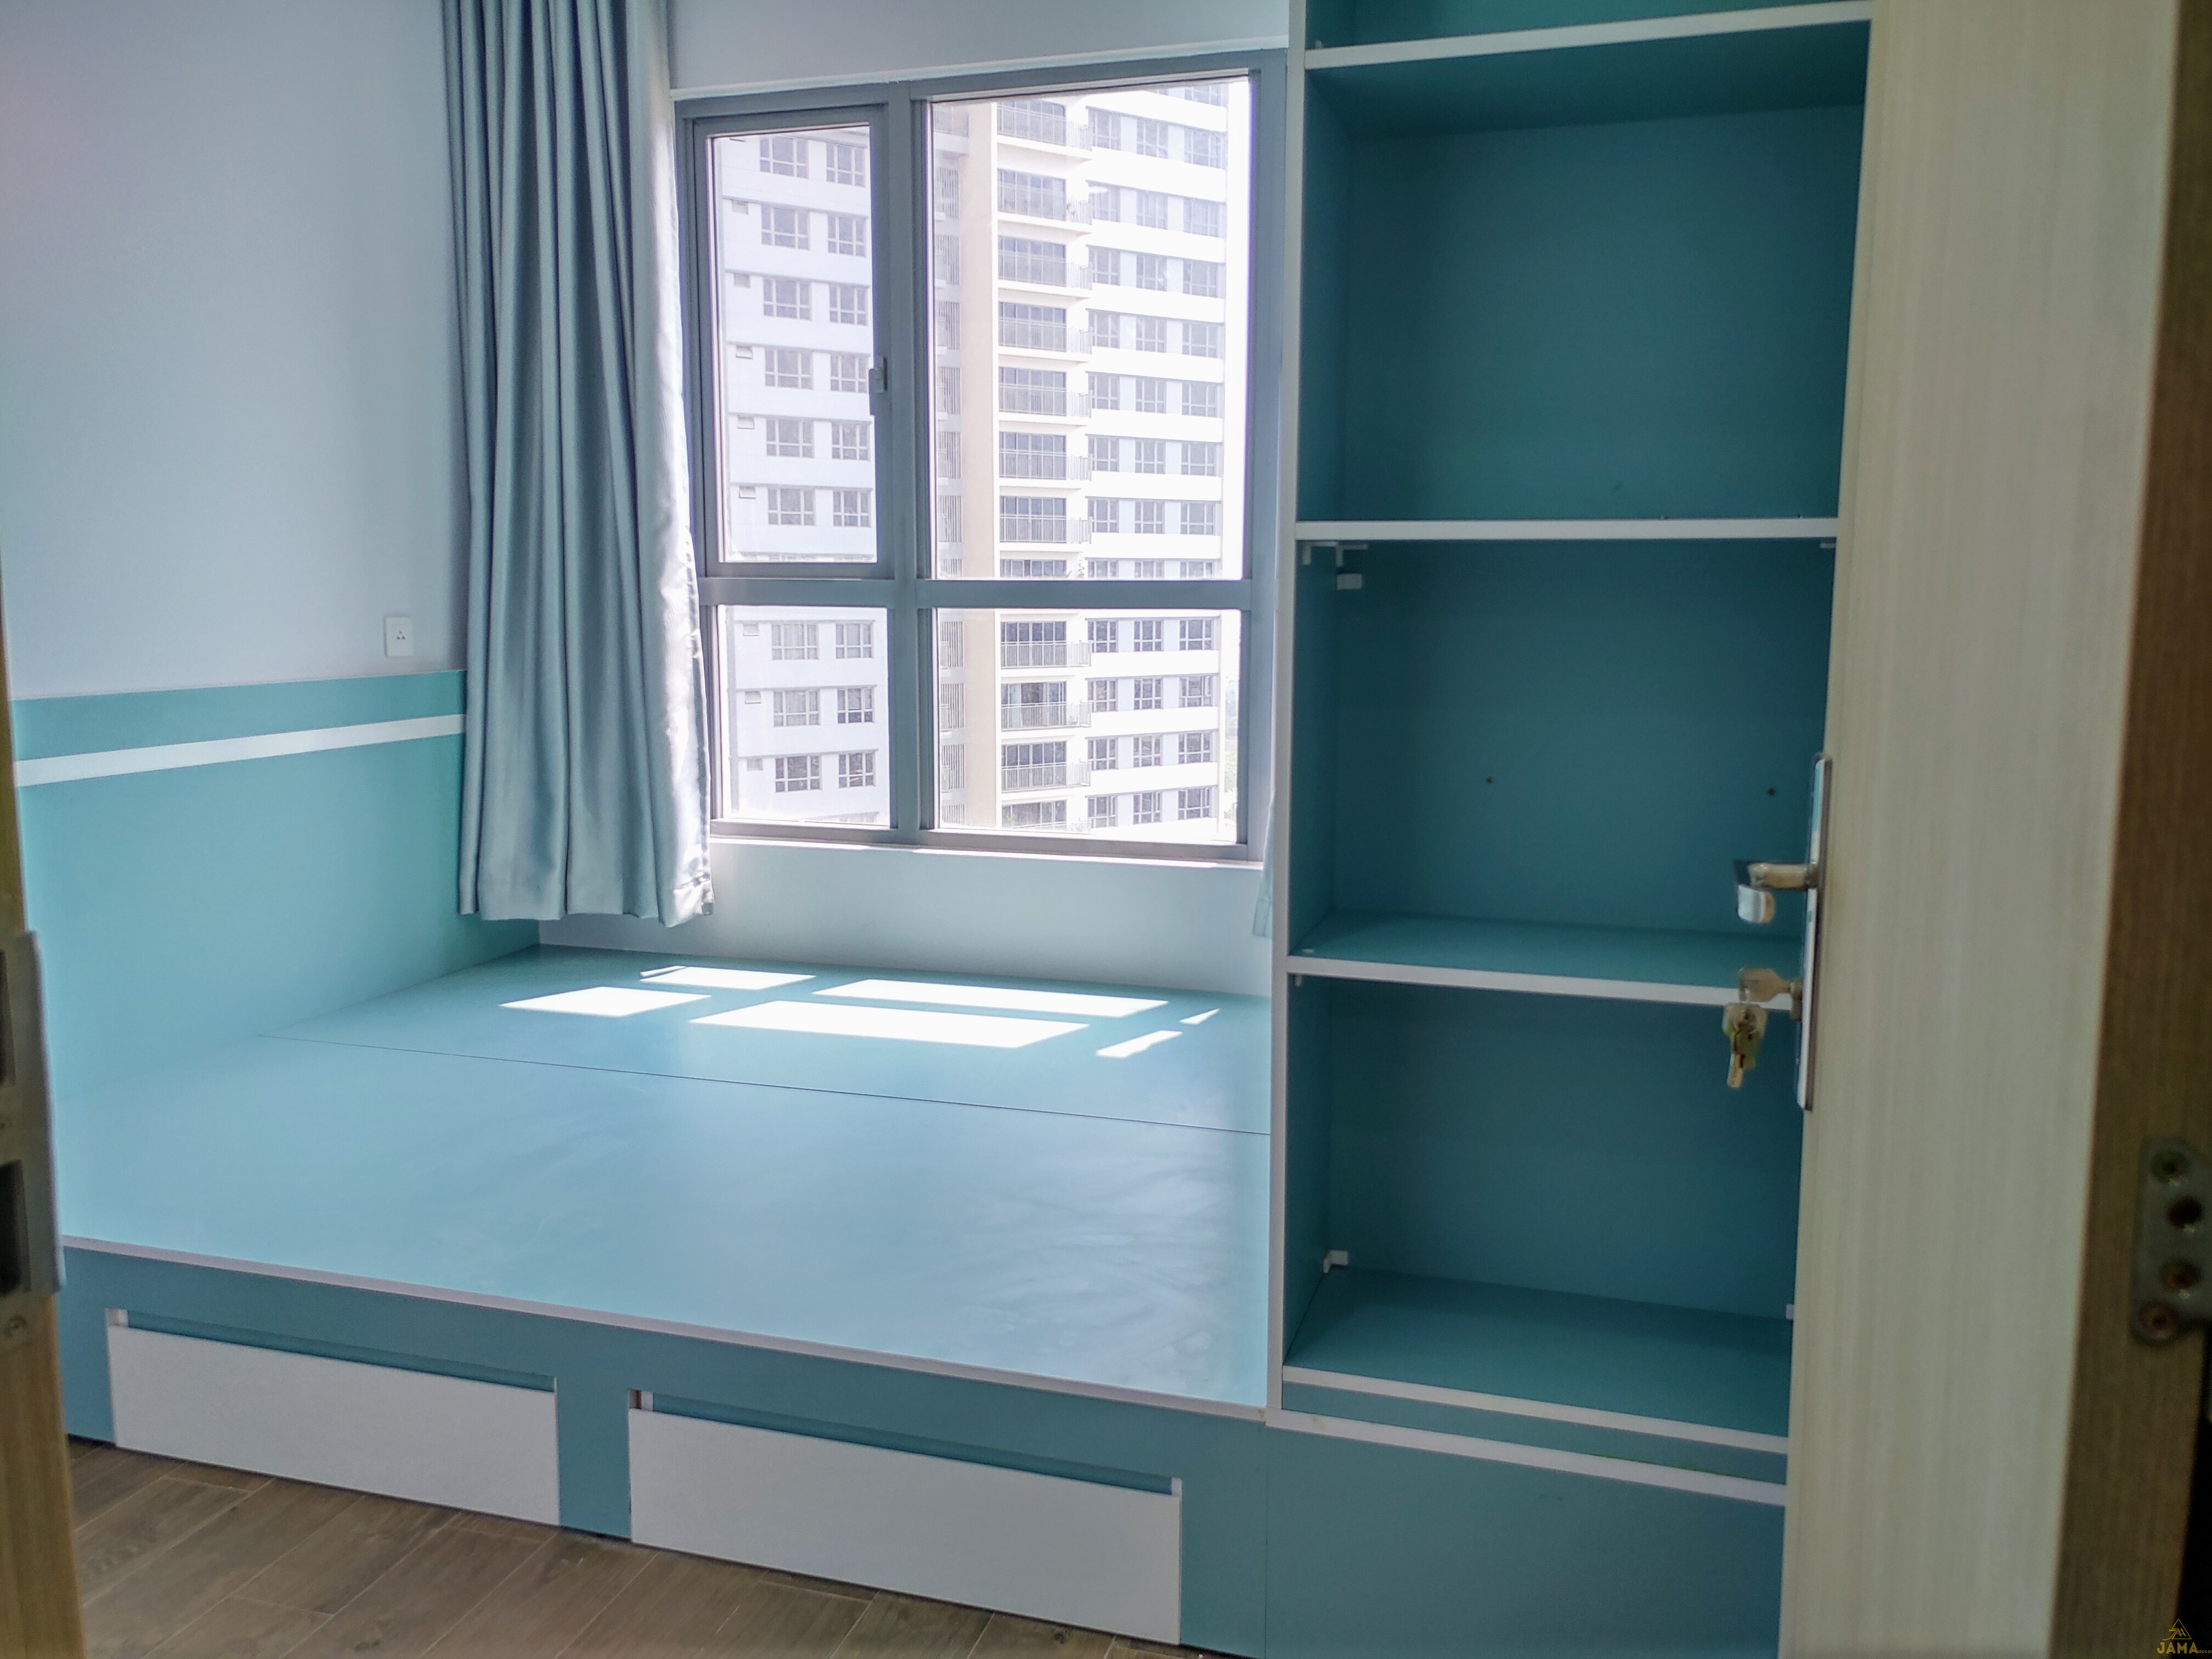 Hình ảnh nghiệm thu thực tế căn hộ Palm Heights.